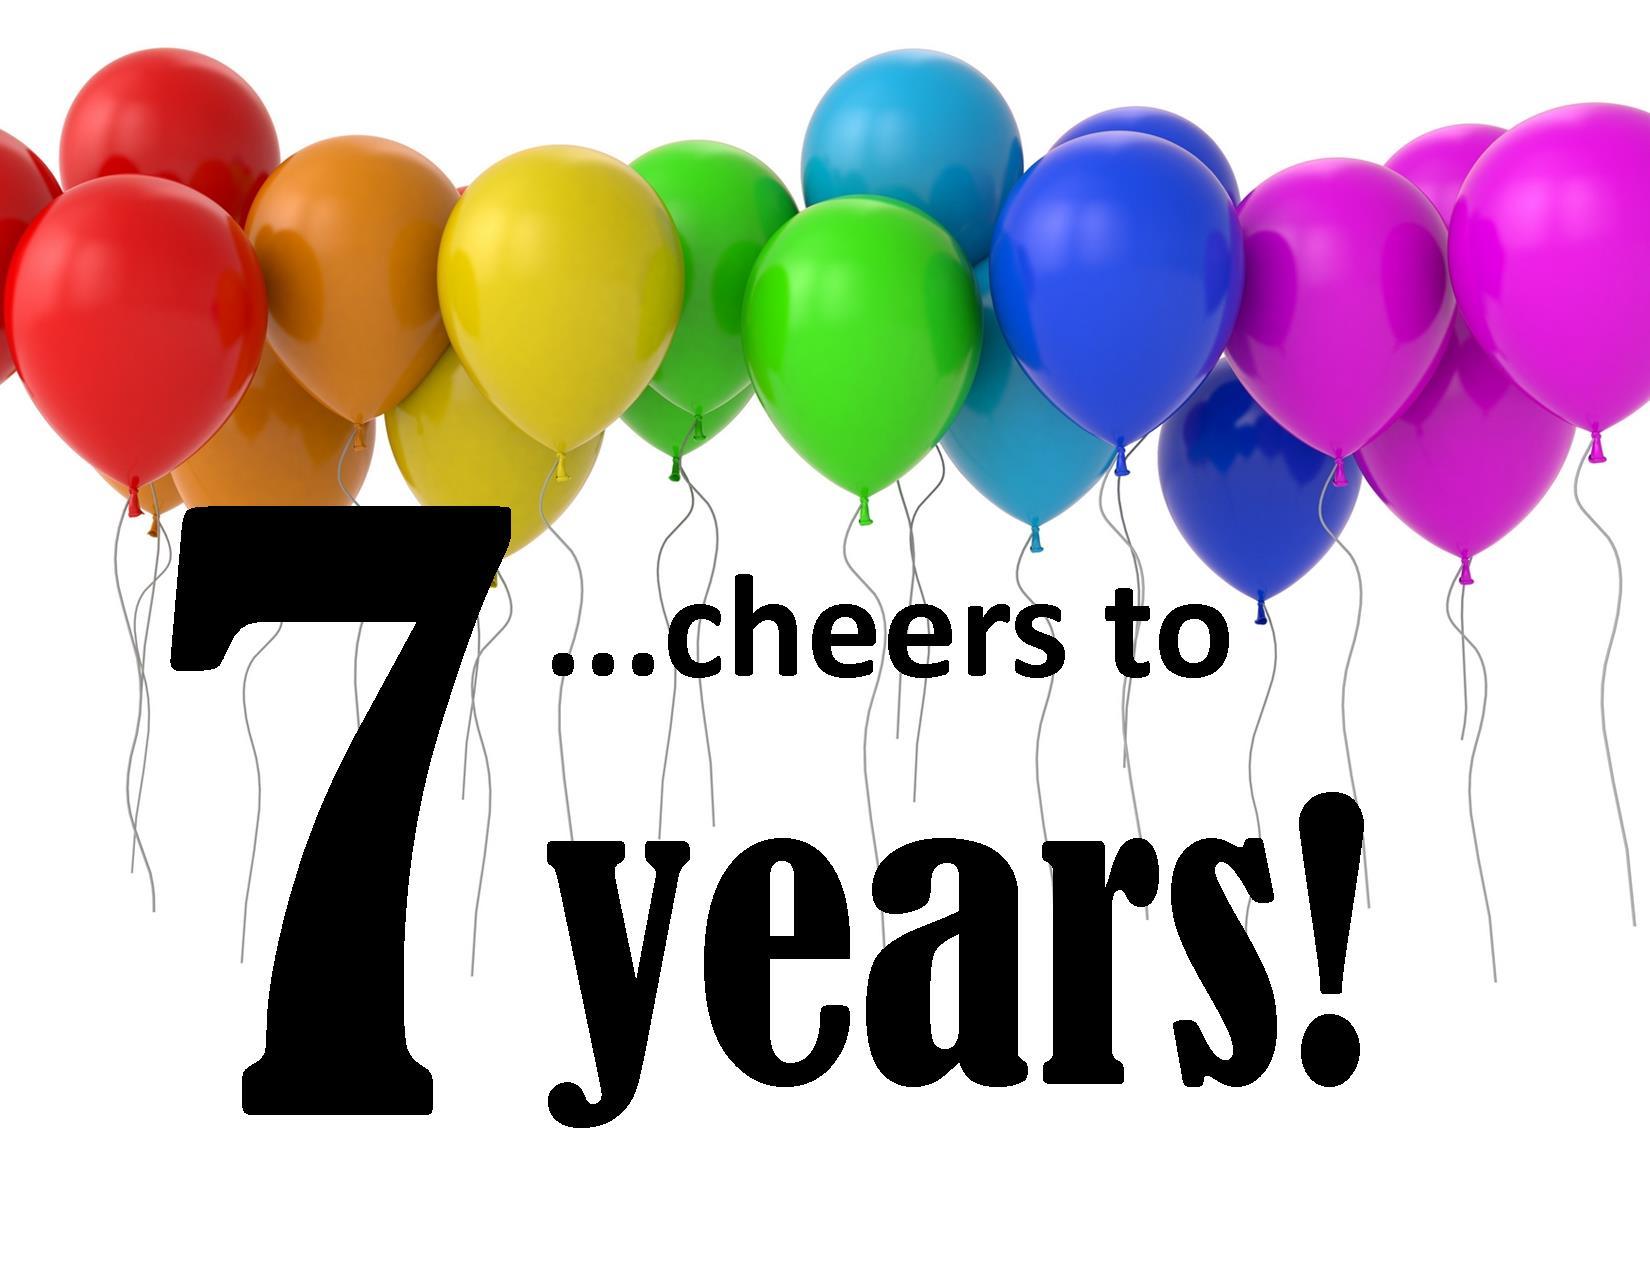 7YRSffbn-yr-balloons.jpg